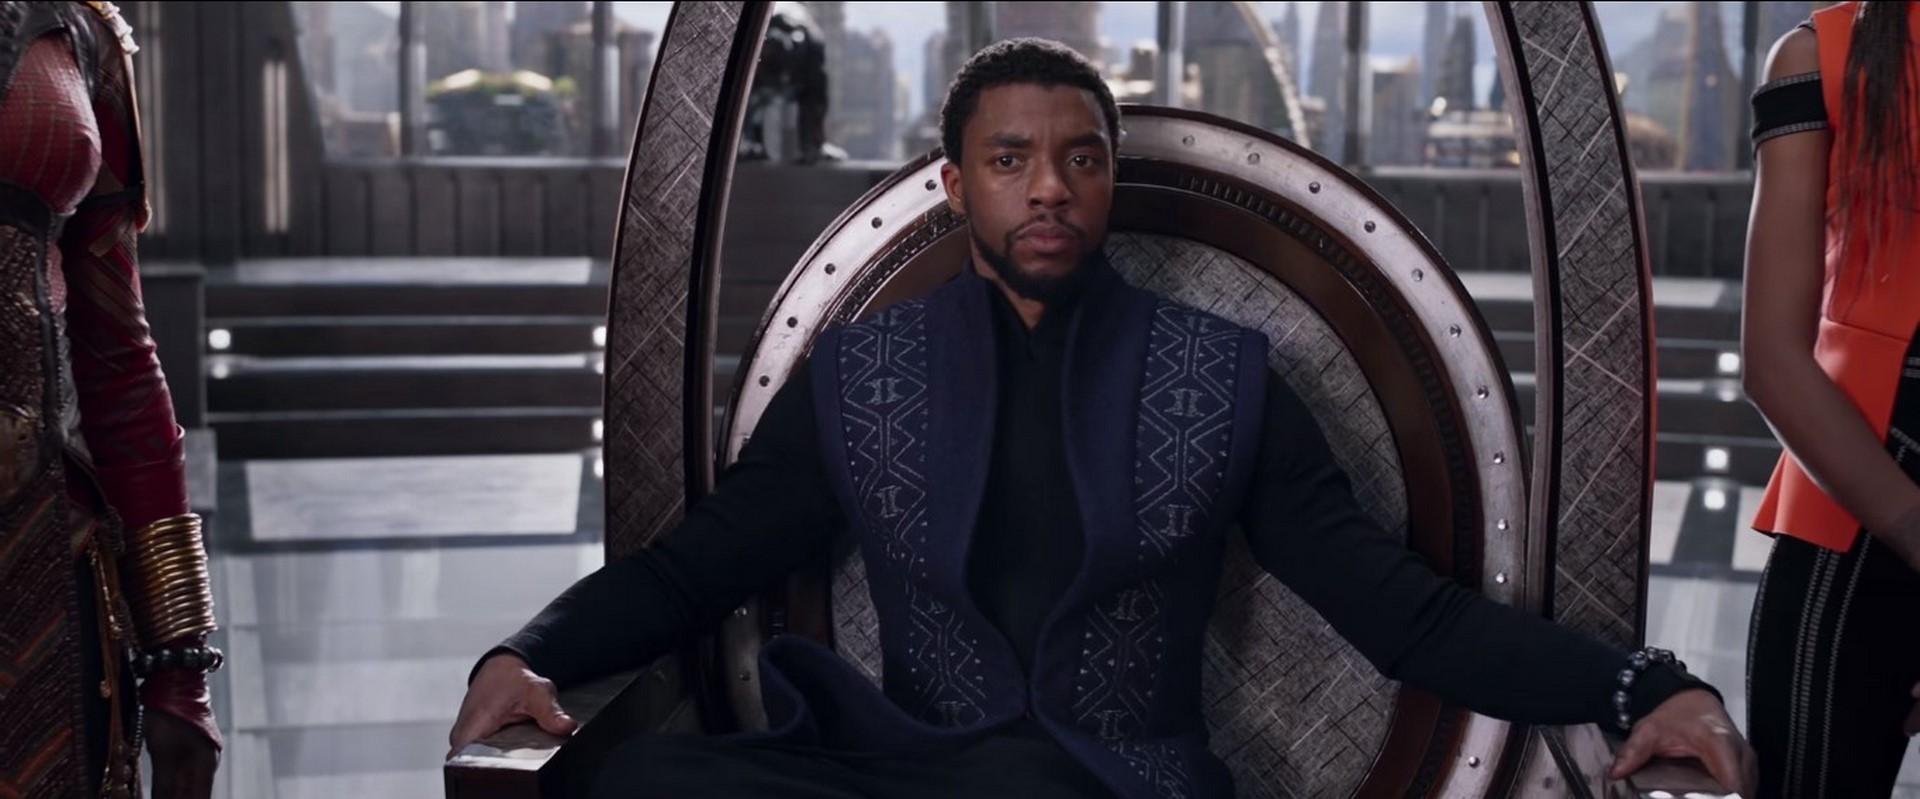 Resultado de imagem para black panther scene throne